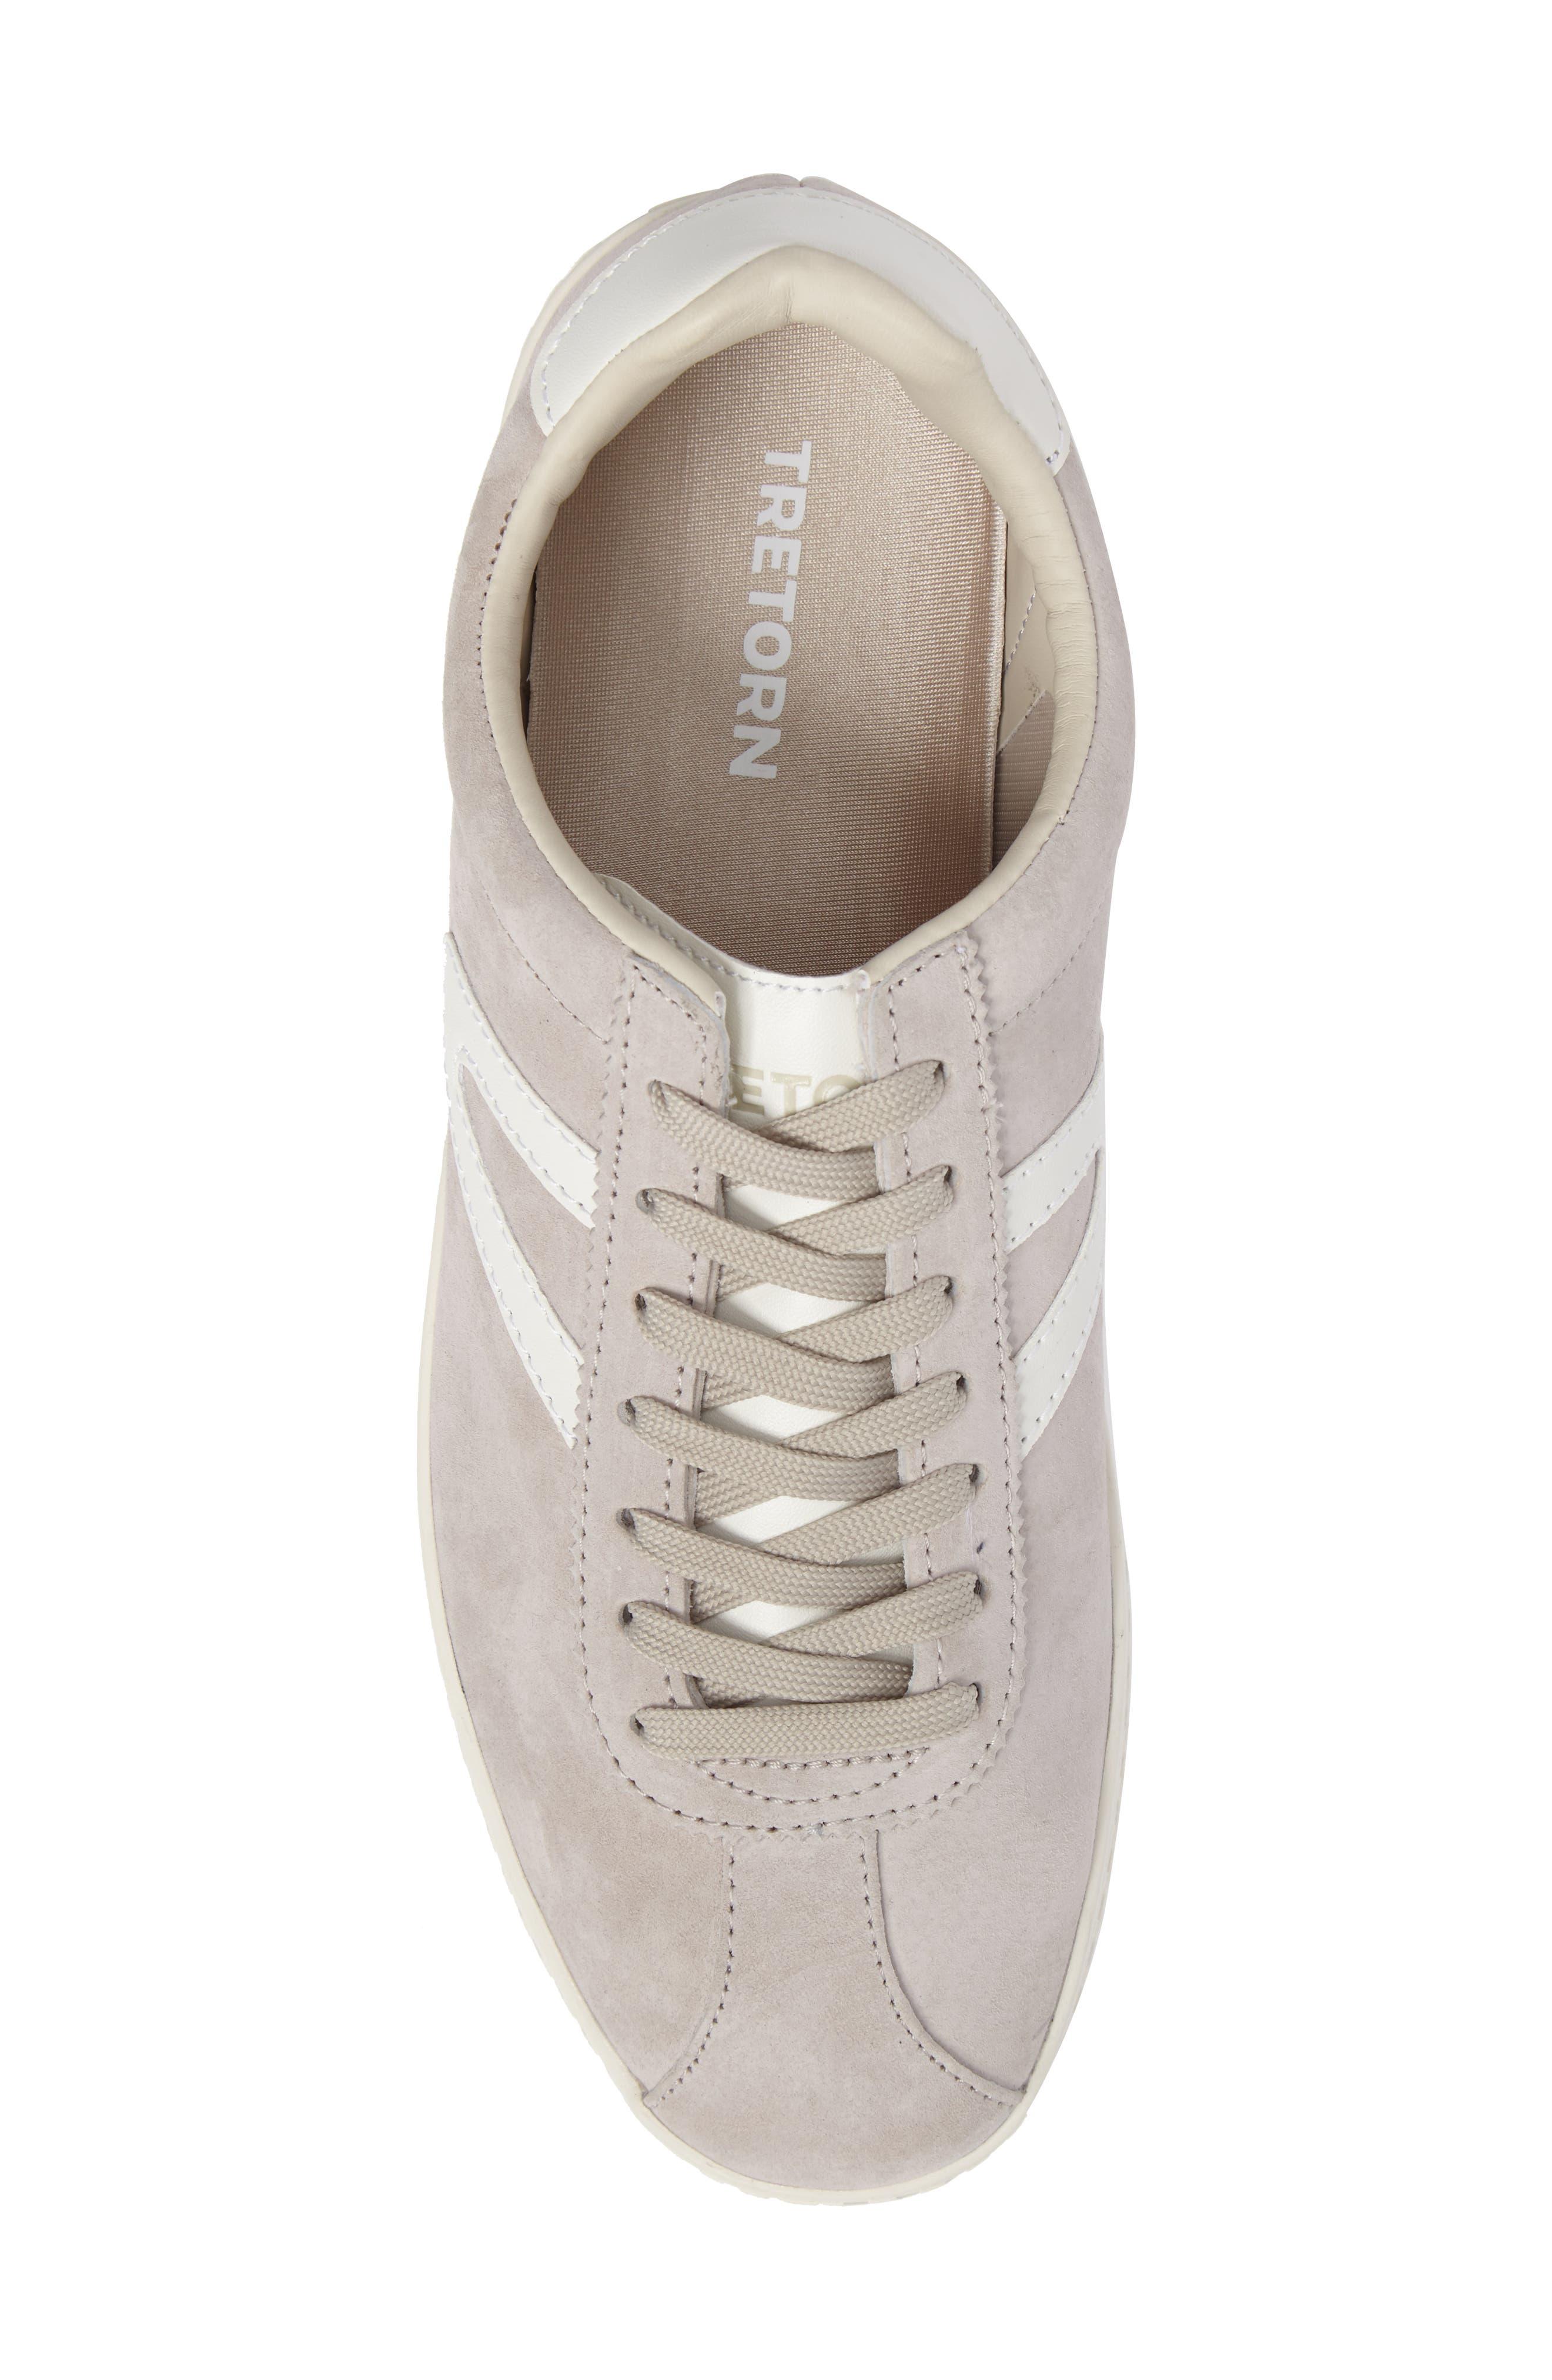 Camden 3 Sneaker,                             Alternate thumbnail 5, color,                             Birch/ White Nubuck